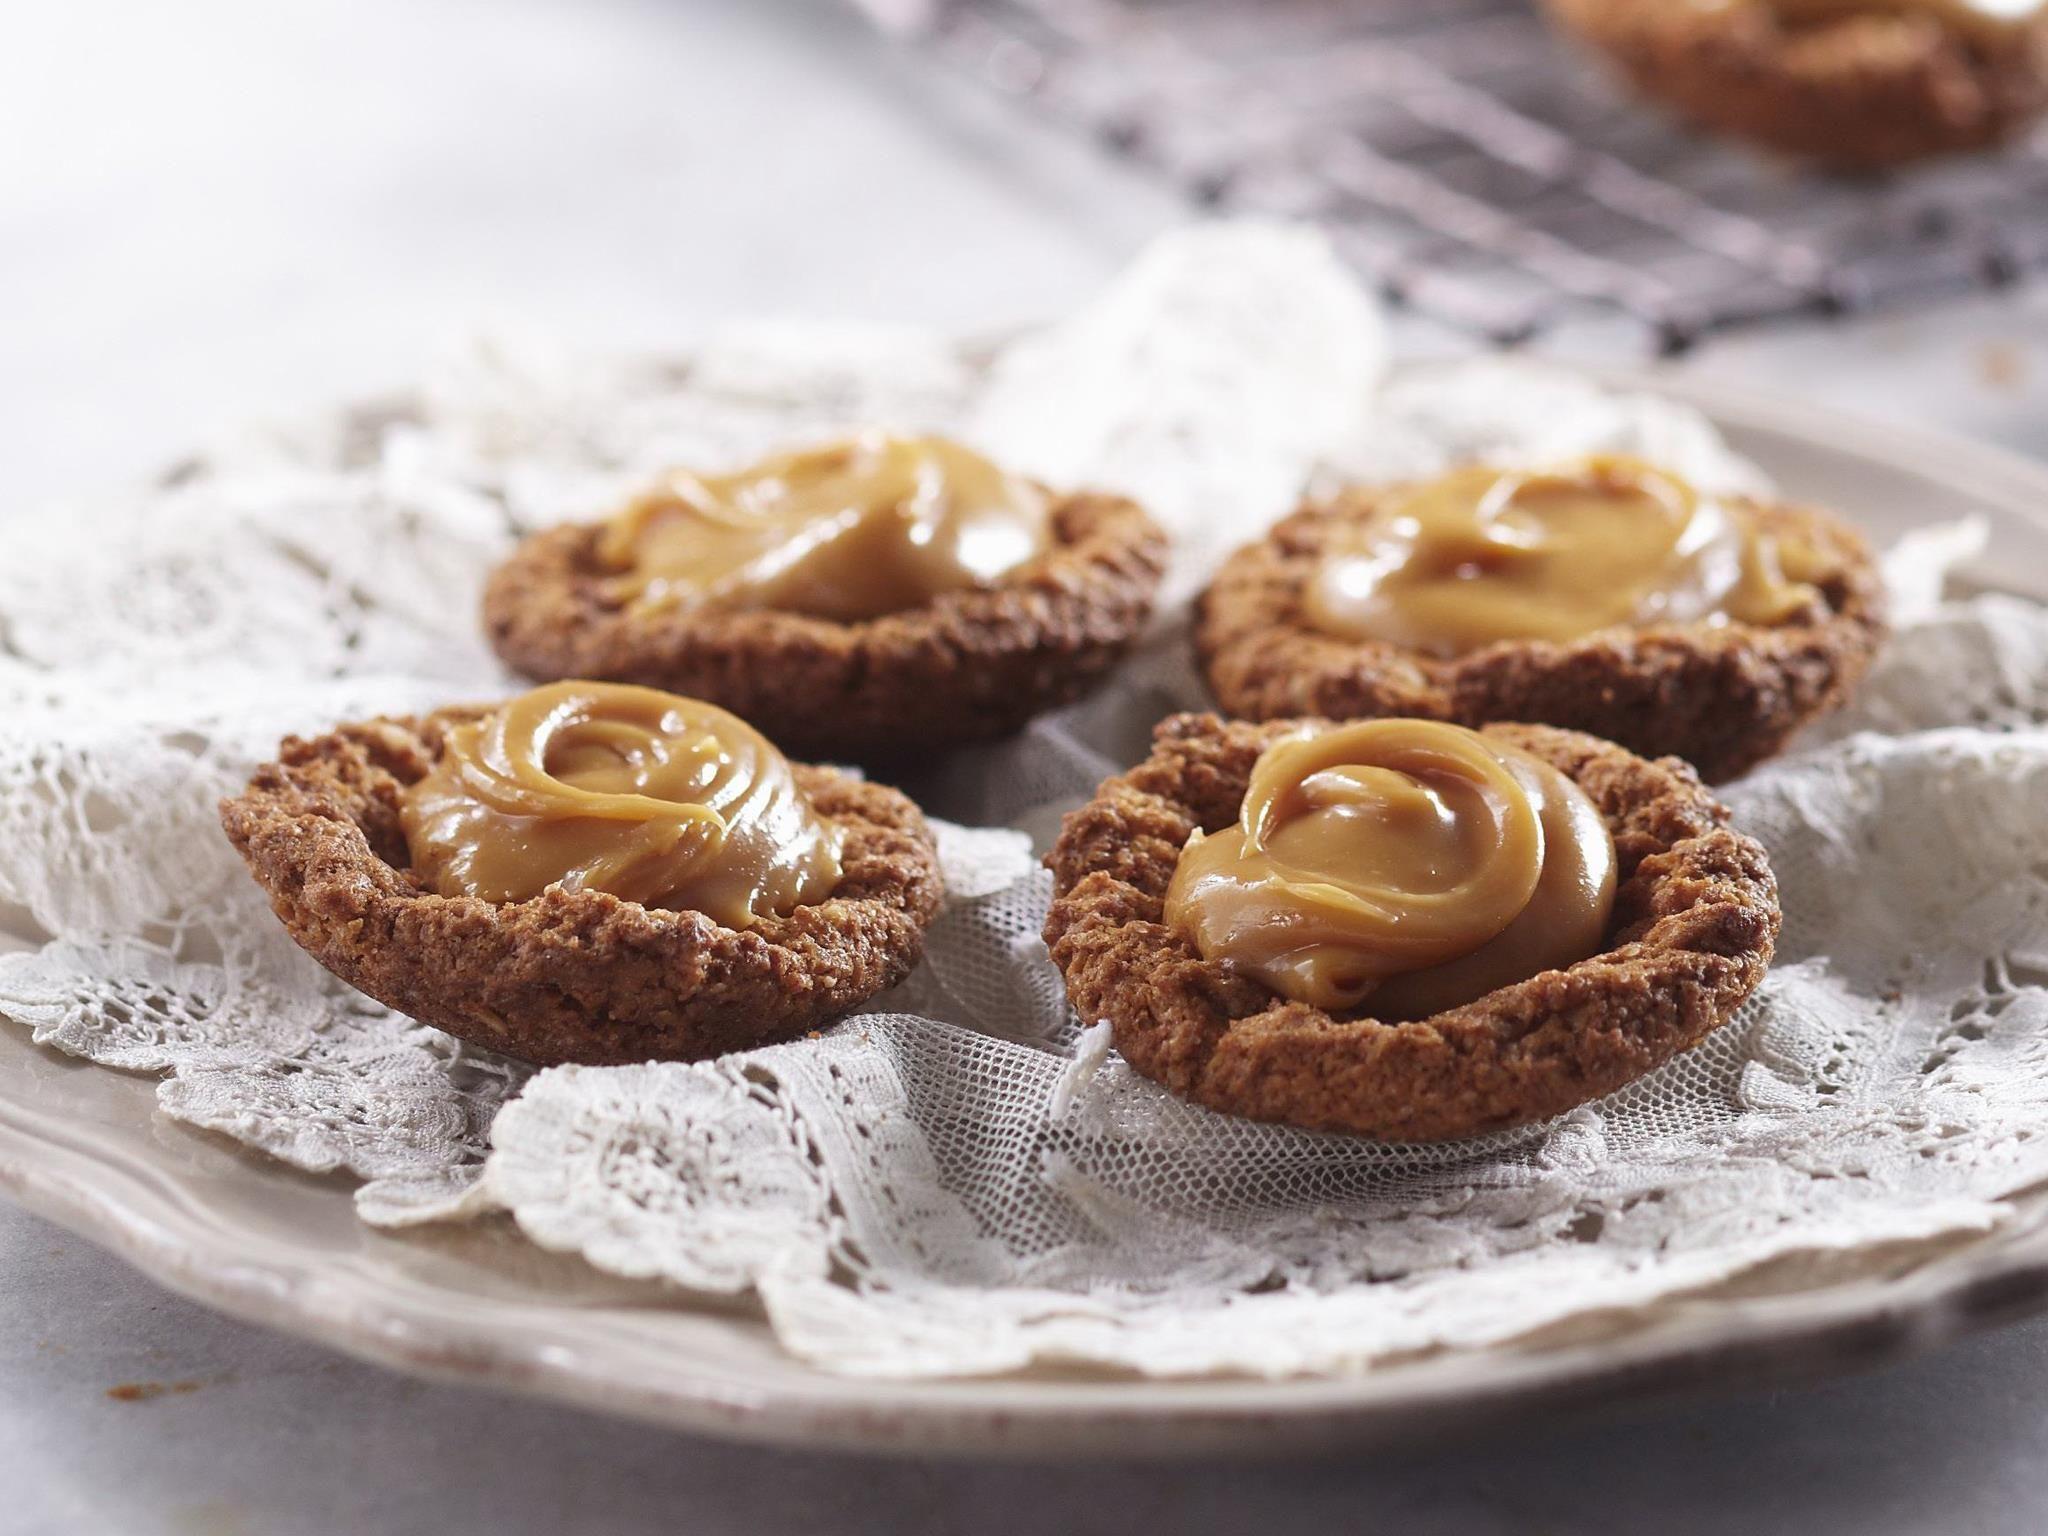 Caramel Tarts Recipe In 2020 Caramel Tart Milk Recipes Dessert Recipes